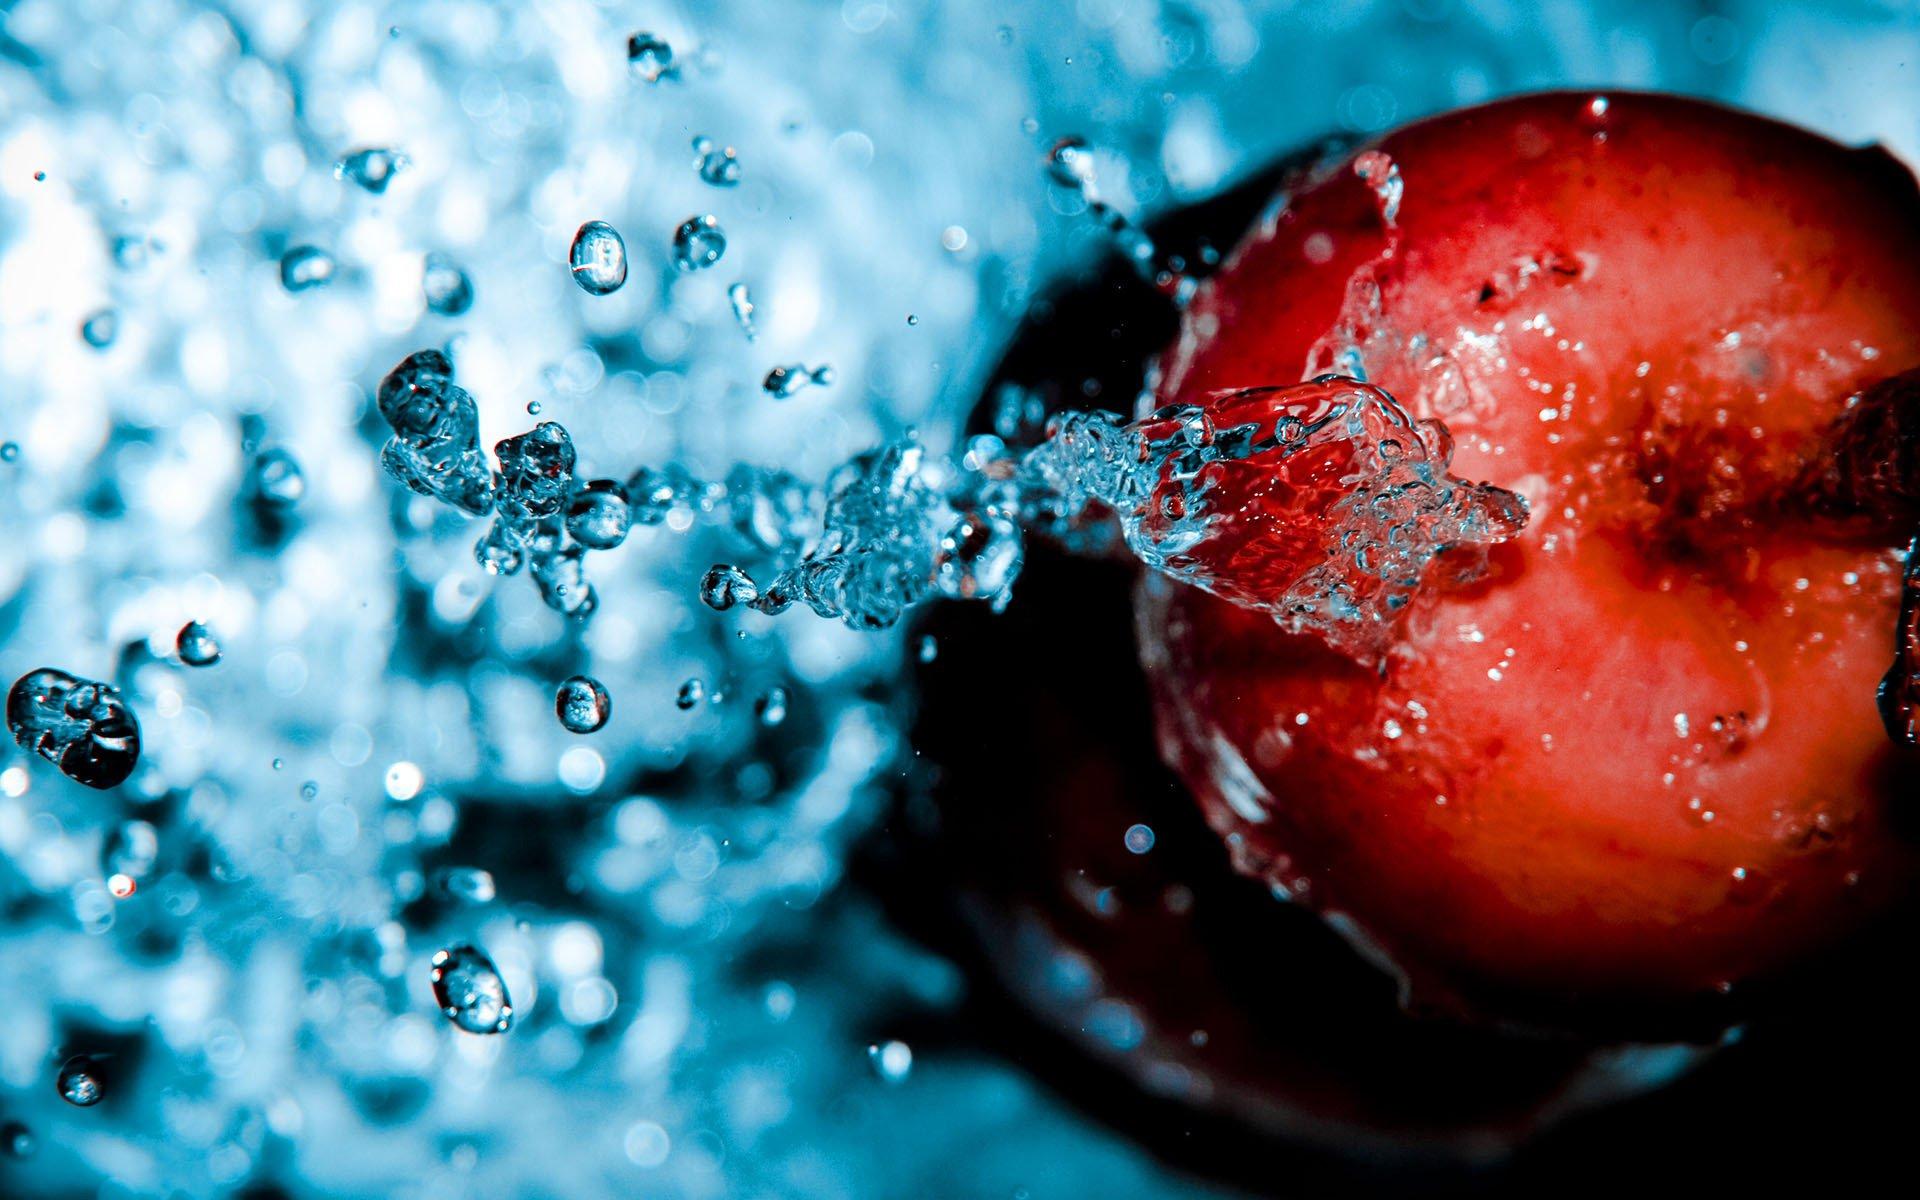 Яблоко макро скачать